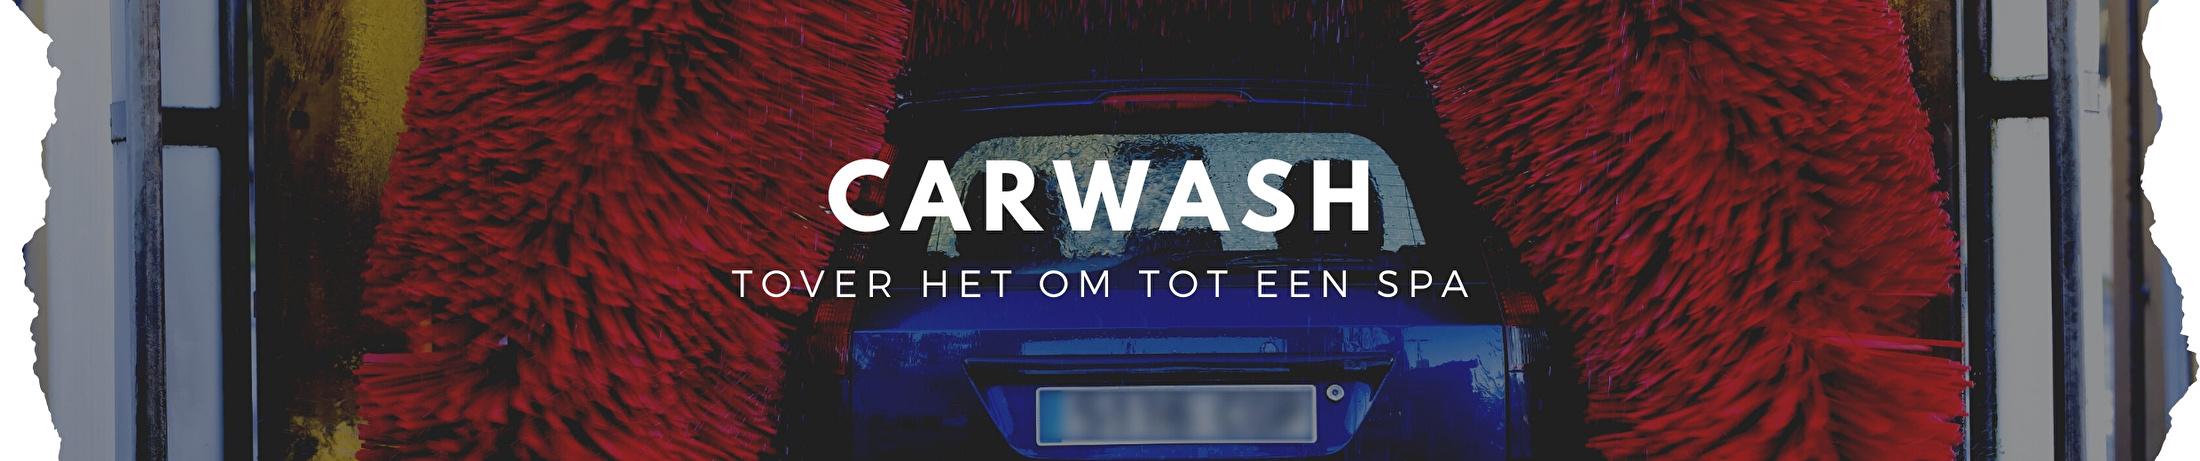 Carwash geuren